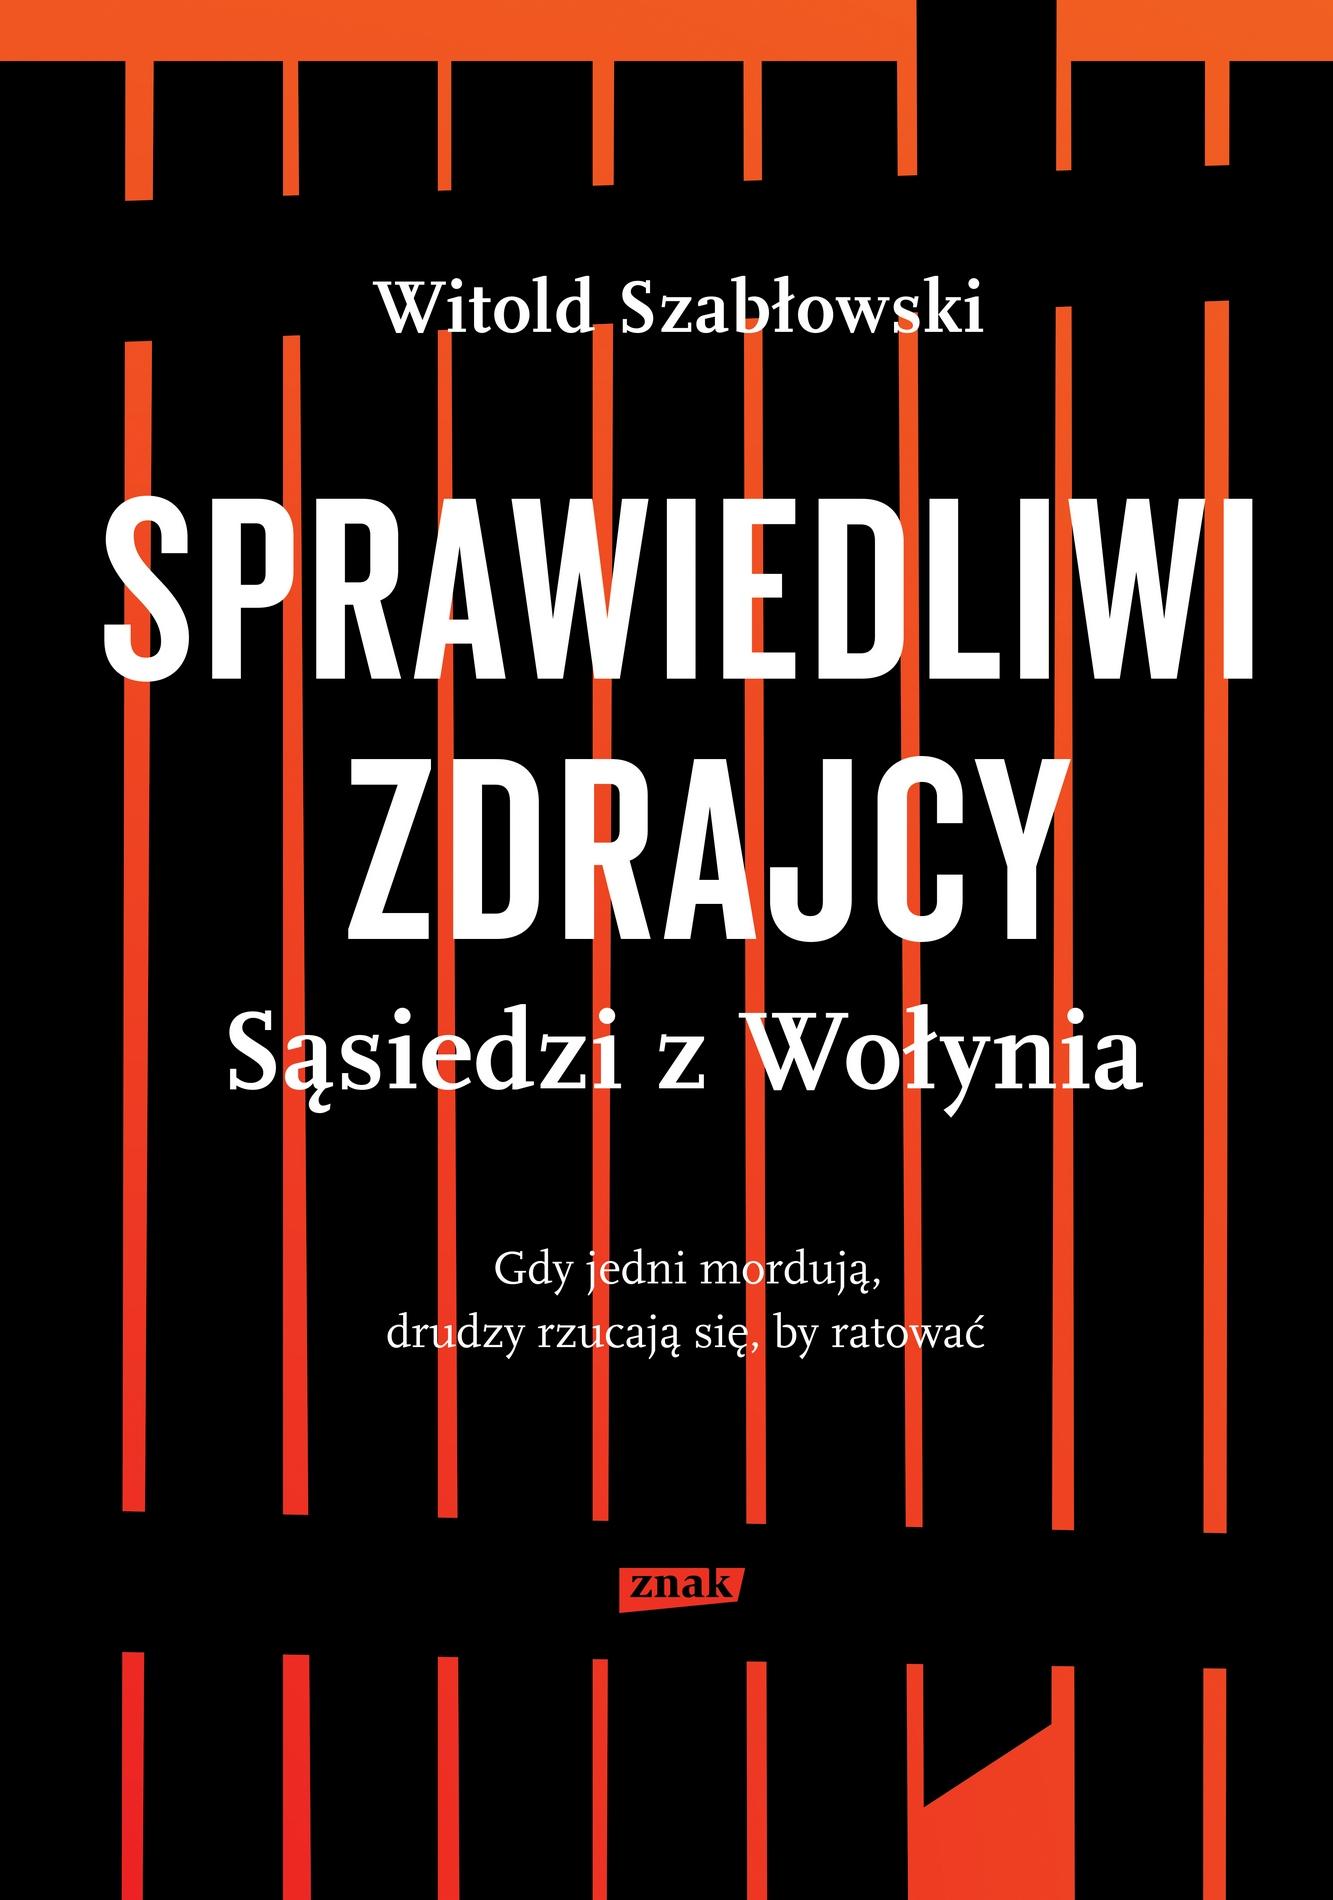 """Witold Szabłowski, """"Sprawiedliwi zdrajcy"""" – okładka książki (źródło: materiały prasowe organizatora)"""